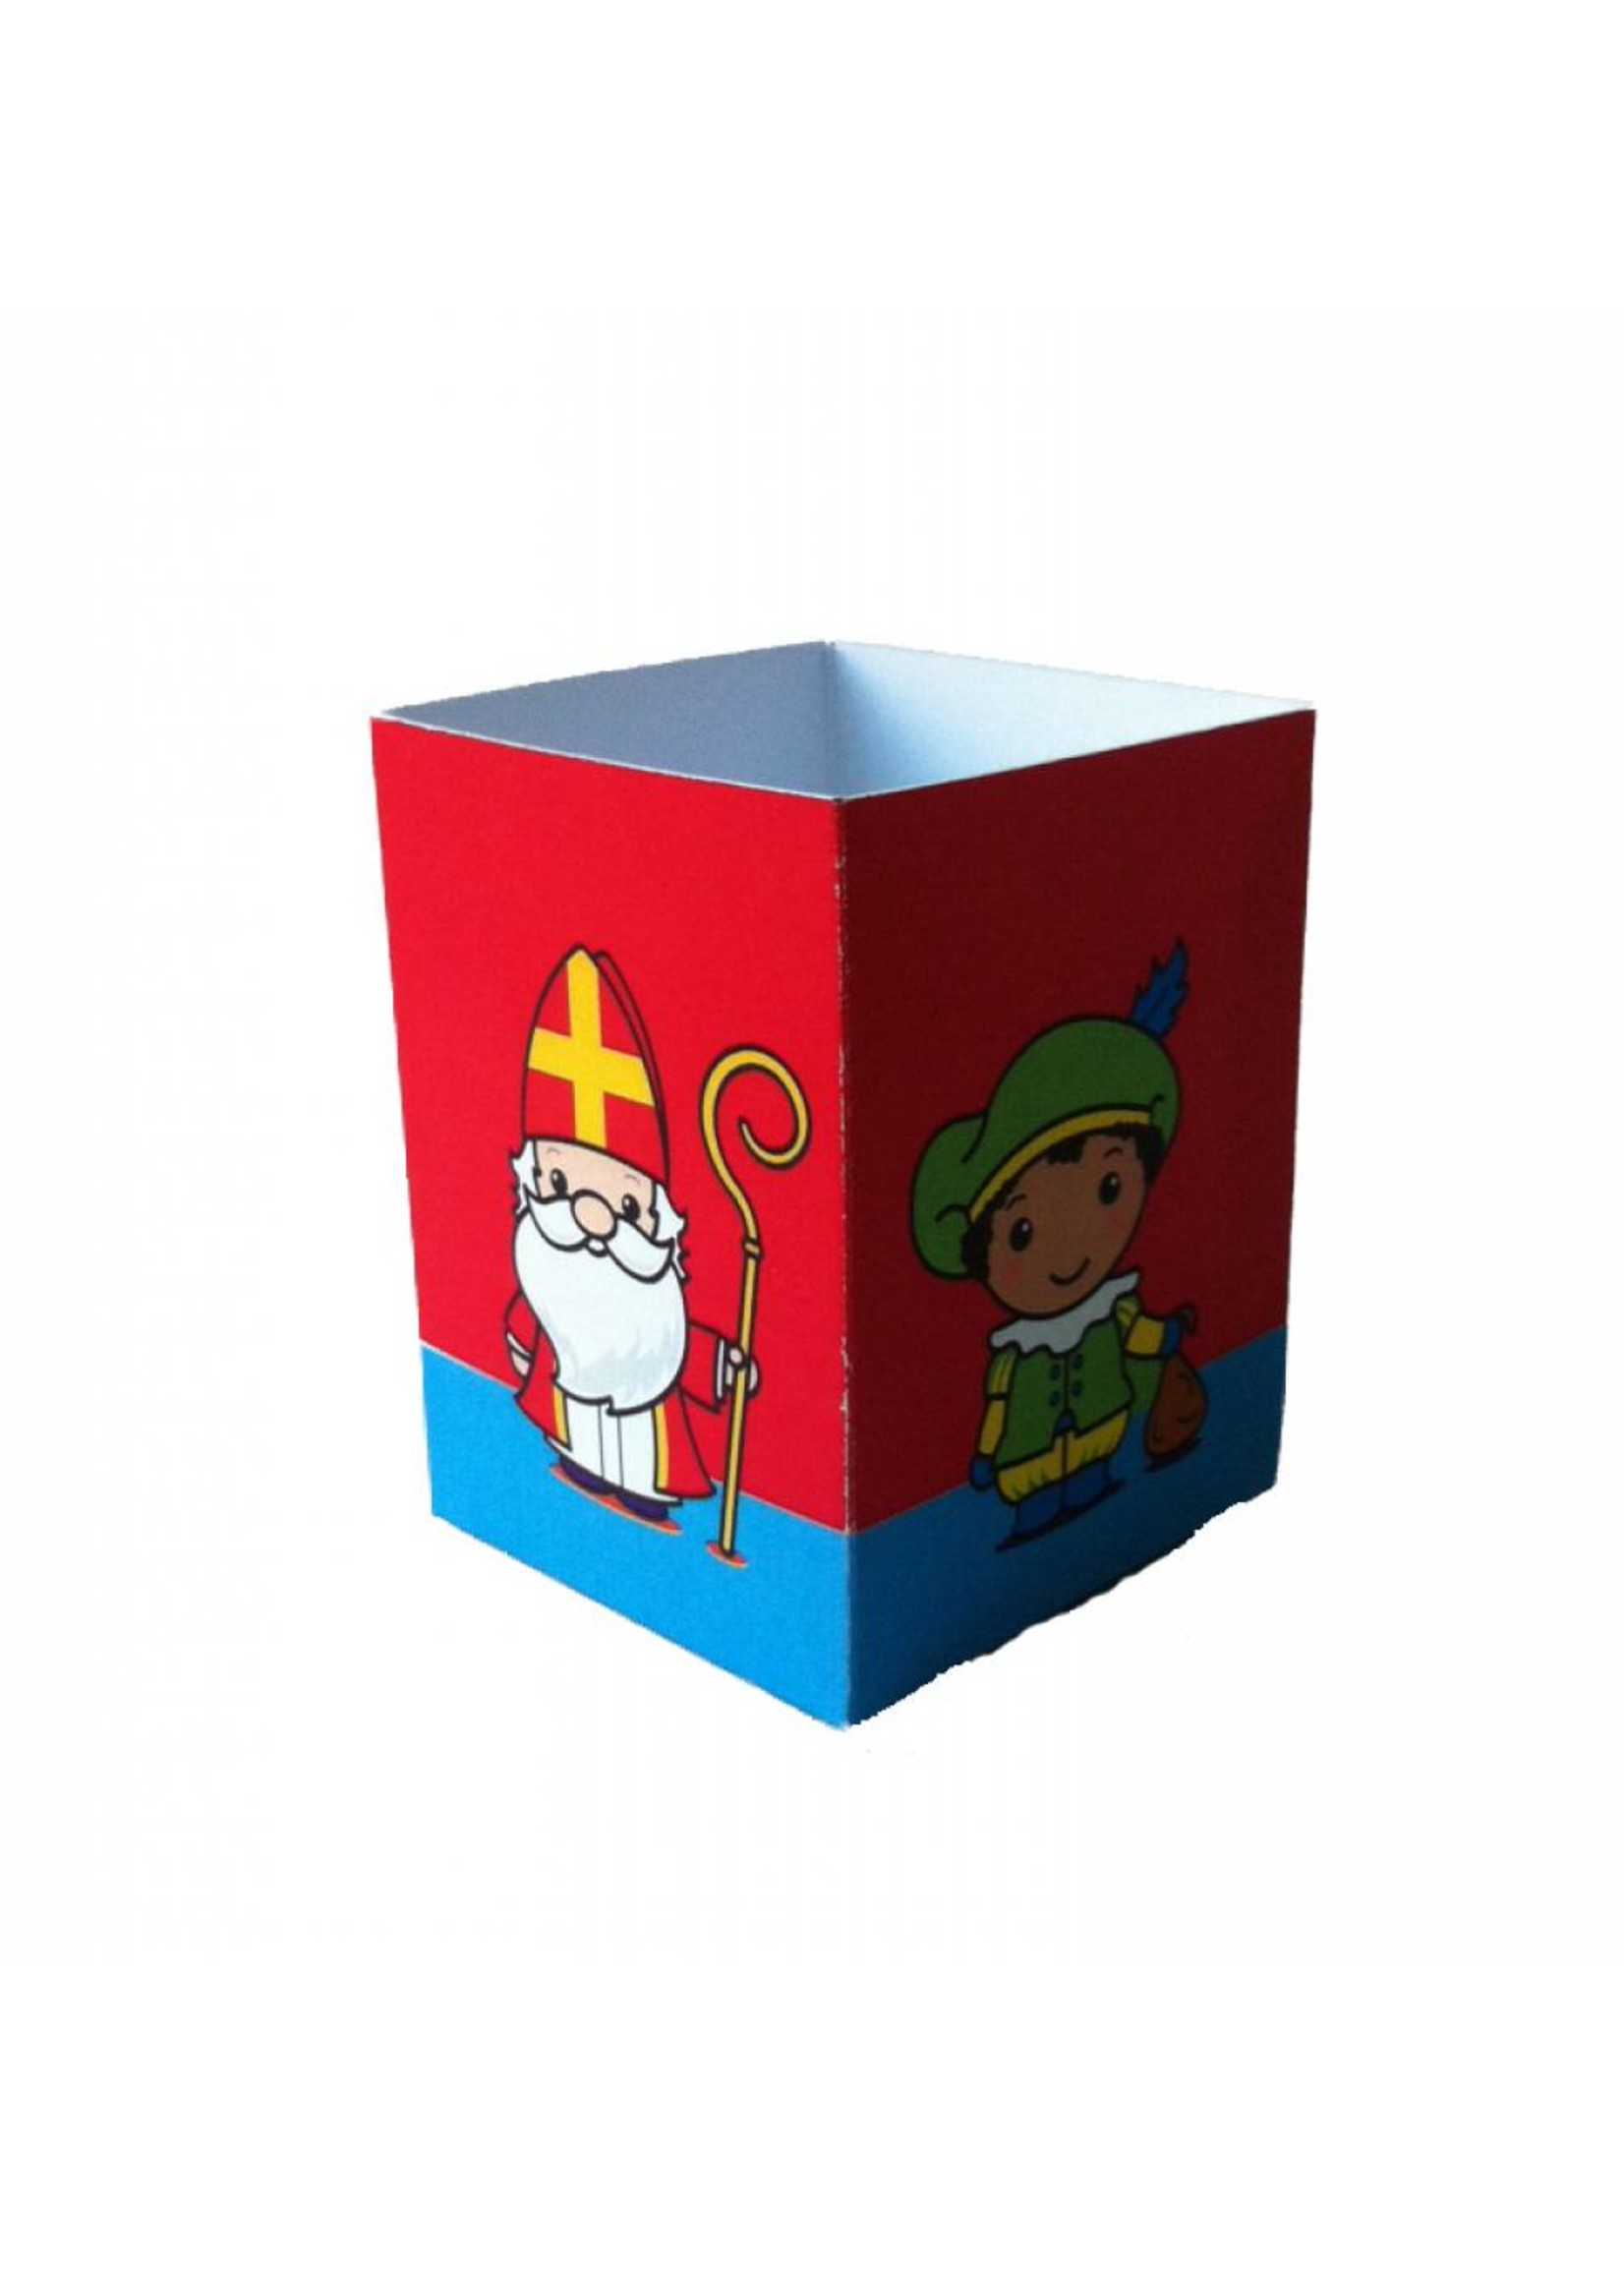 Traktatie doosje bedrukt met een Sinterklaas en pietjes in vrolijke kleuren.